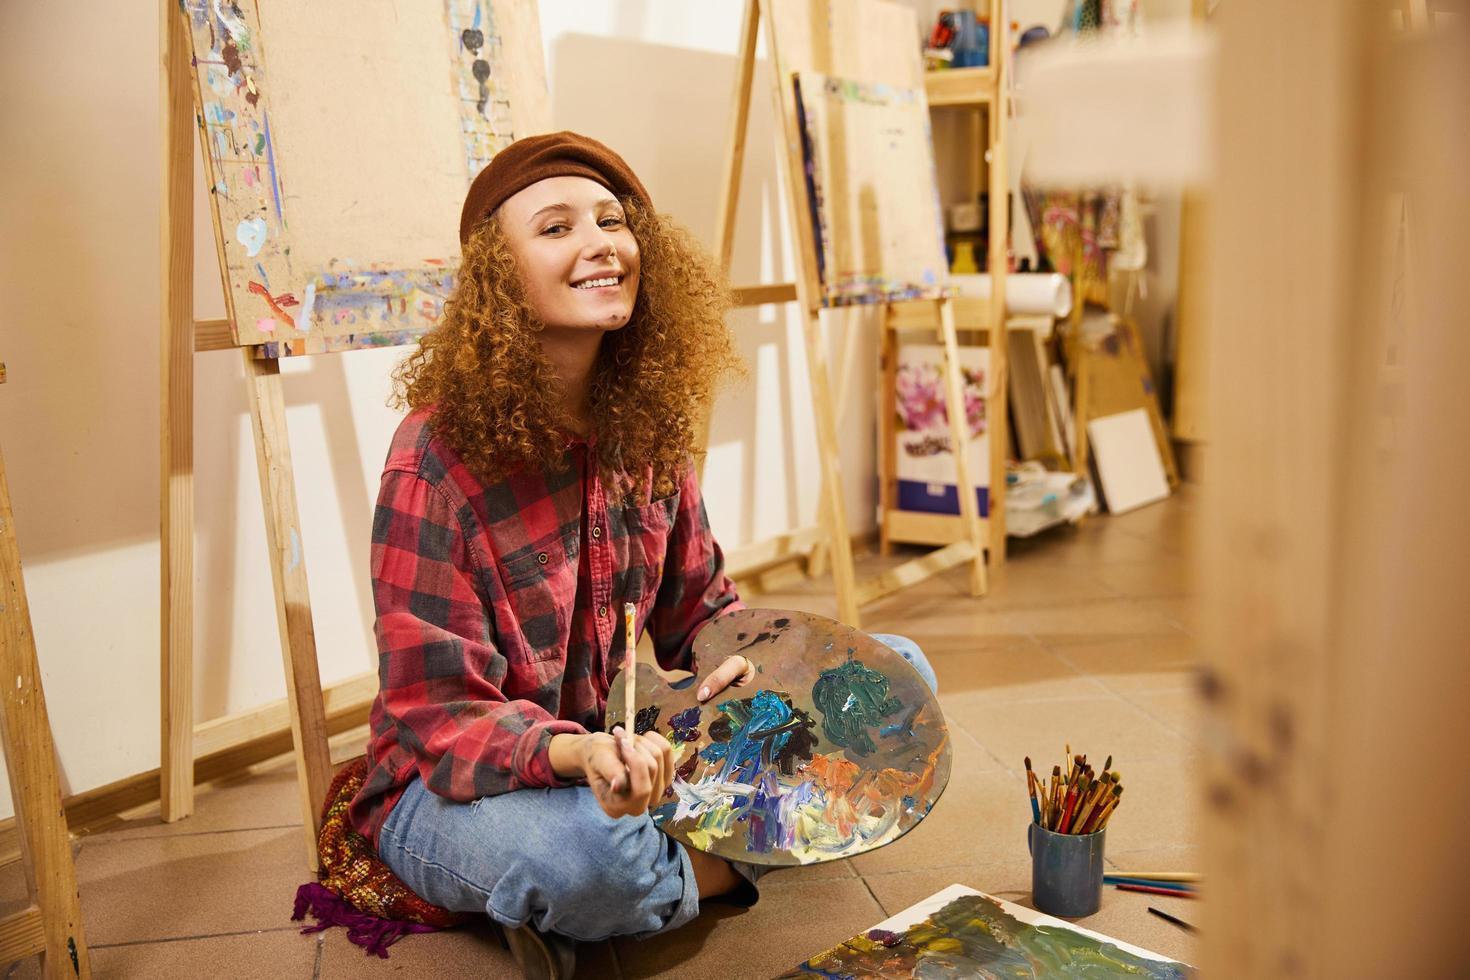 söt tjejmålning foto